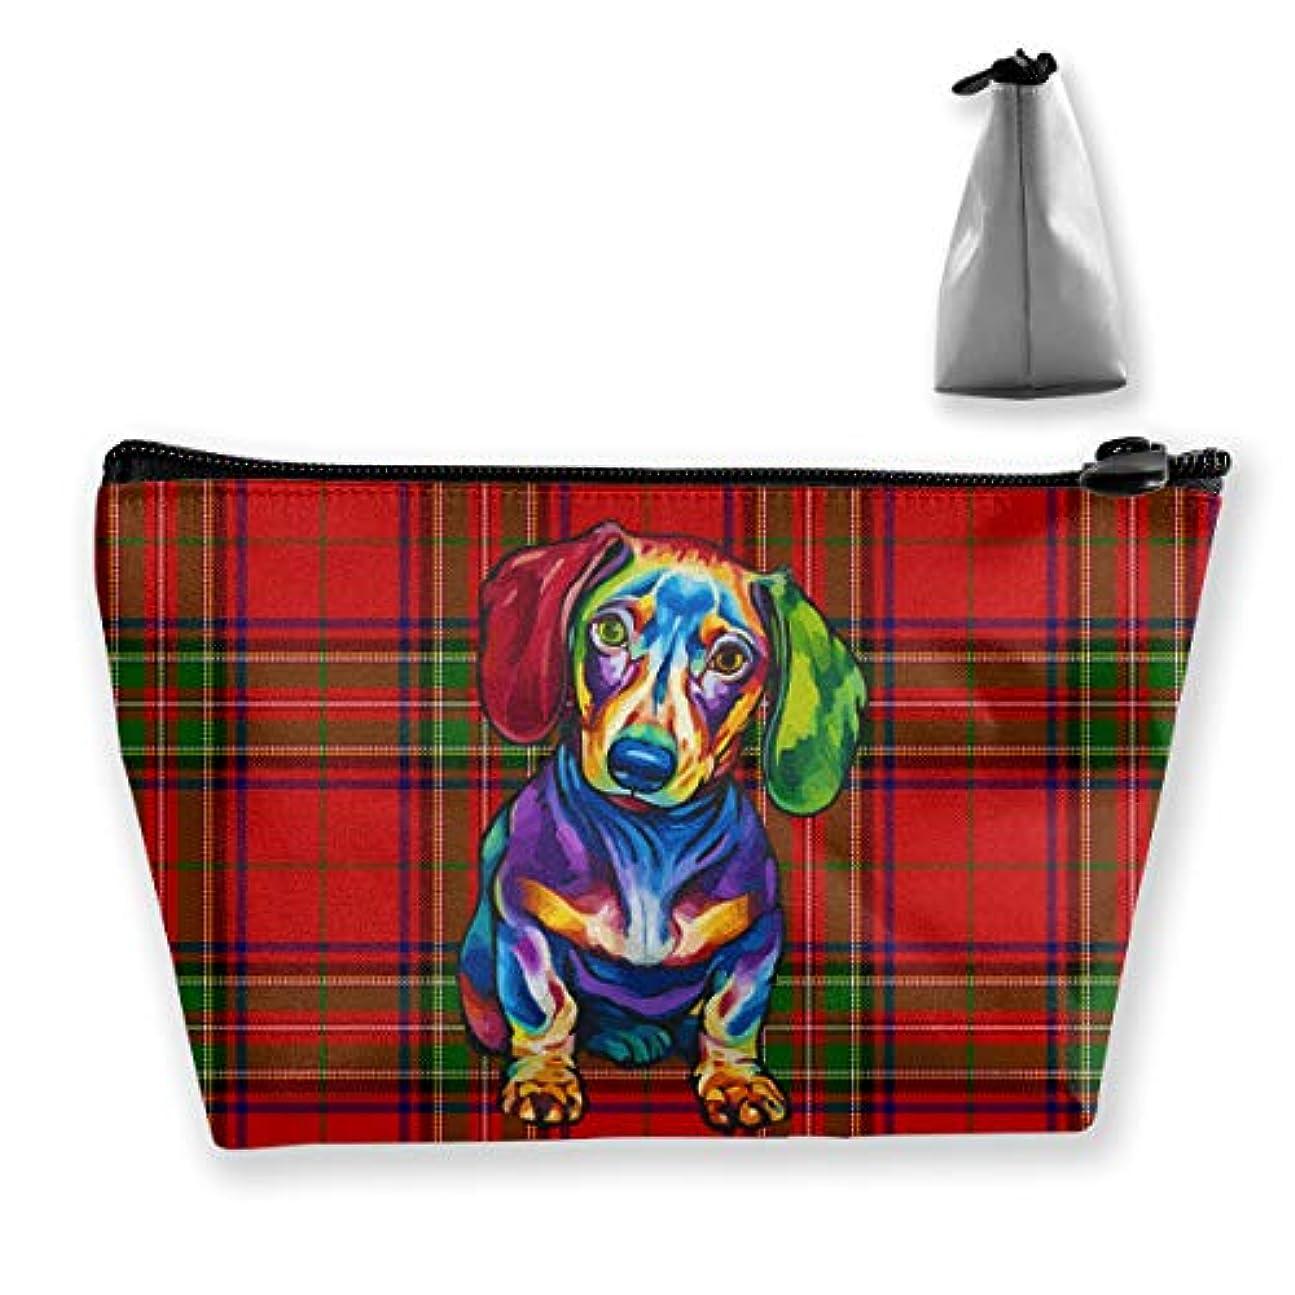 関係する叱る側Szsgqkj 赤いスコットランドの柄 猟腸犬 化粧品袋の携帯用旅行構造の袋の洗面用品の主催者